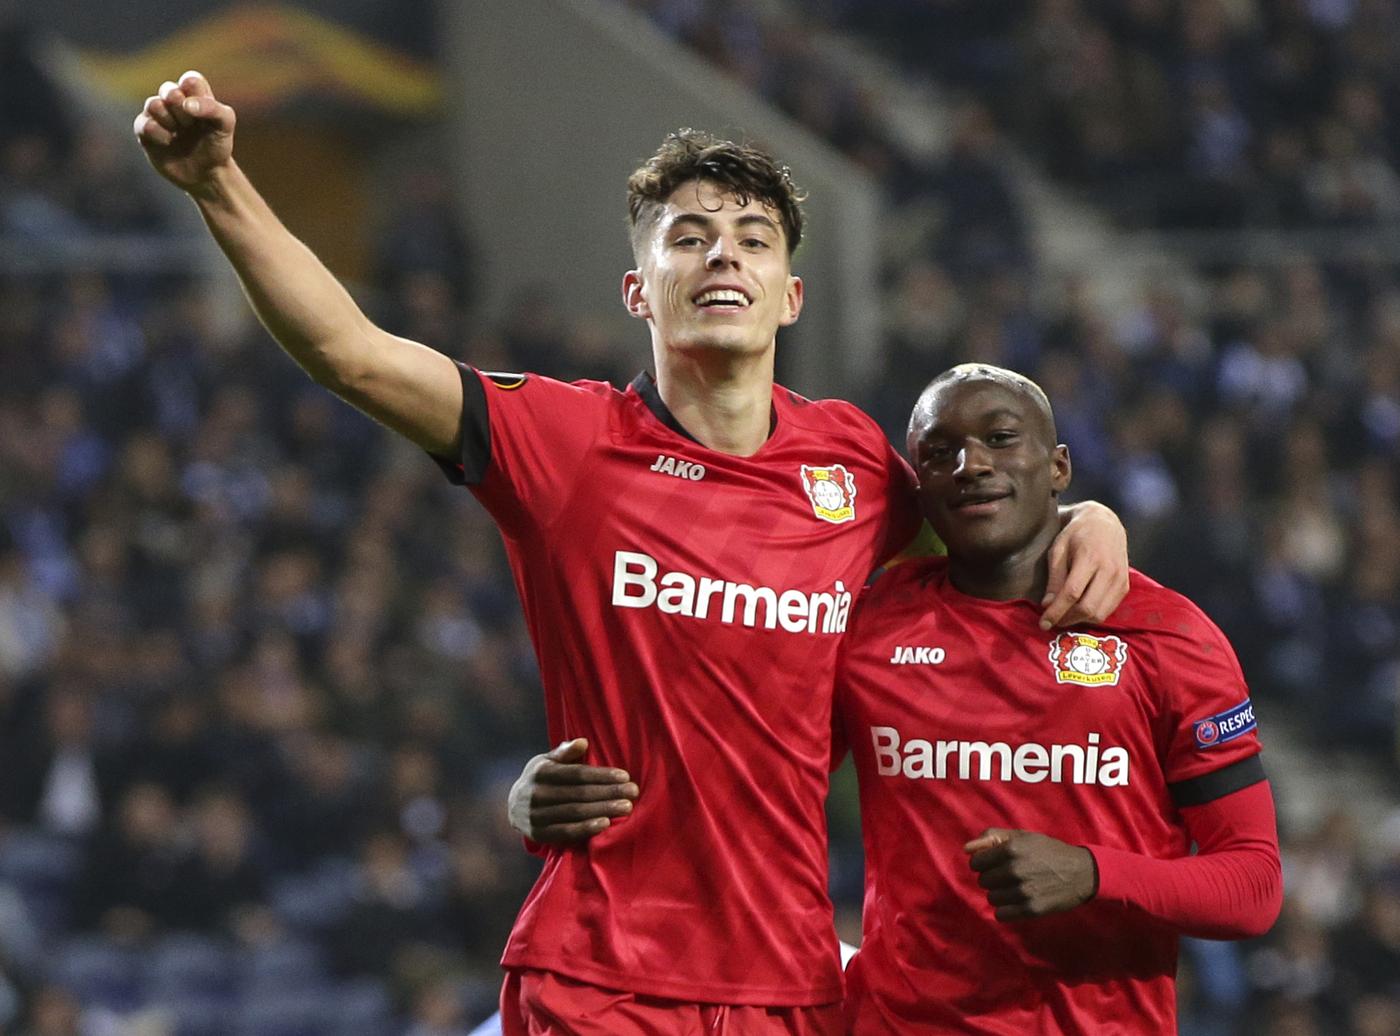 Pronostico Friburgo-Leverkusen probabili formazioni e quote Bundesliga